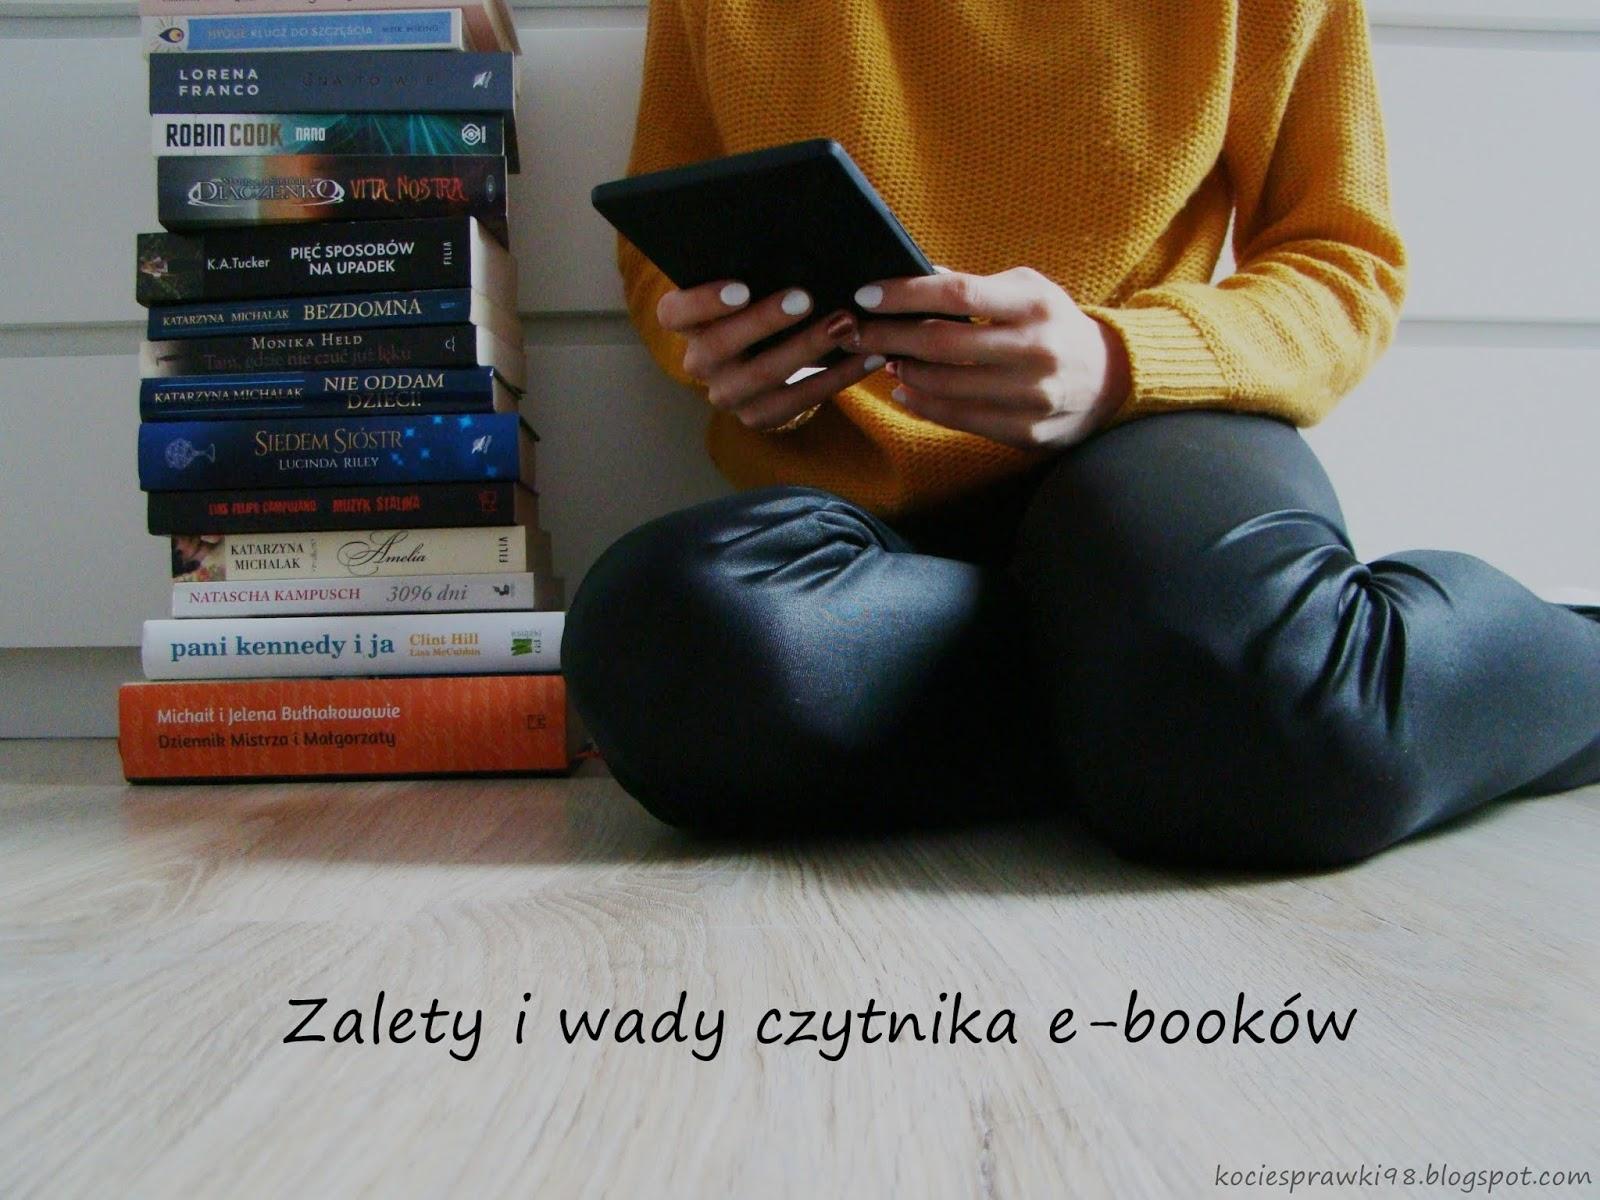 Koci punkt widzenia: Wady i zalety czytnika e-booków